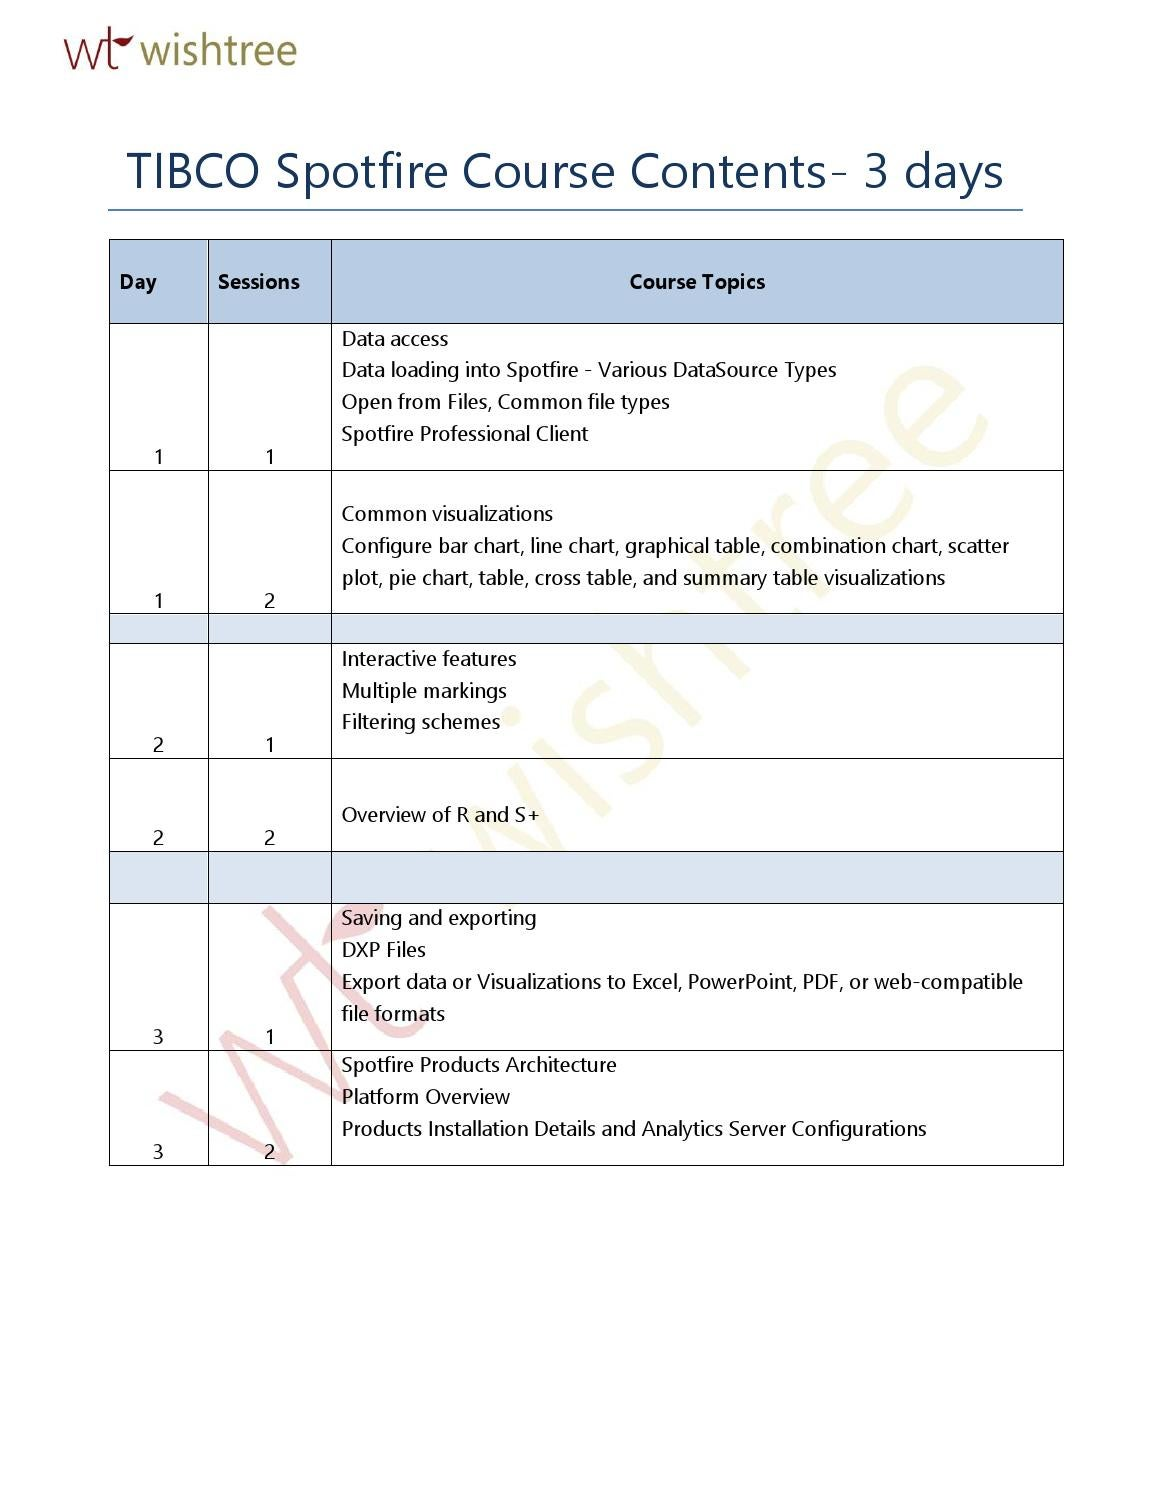 TIBCO SPOTFIRE COURSE CONTENT | WISHTREE TECHNOLOGIES